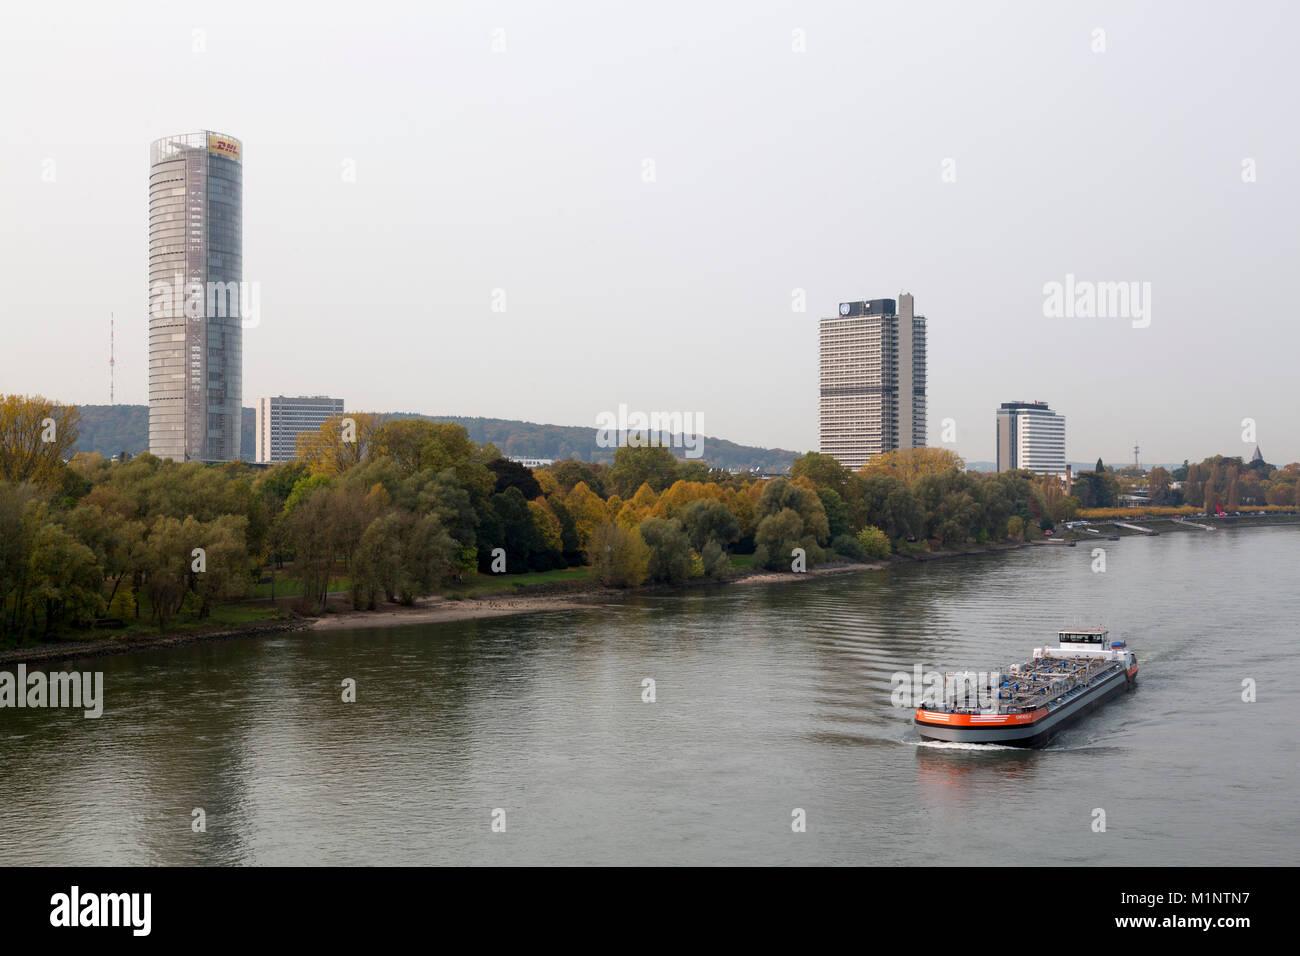 Bonn, Regierungsviertel (Bundesviertel, Parlamentsviertel), Blick über den Rhein, Posttower, Ehemaliges Abgeordnetenhochhaus - Stock Image